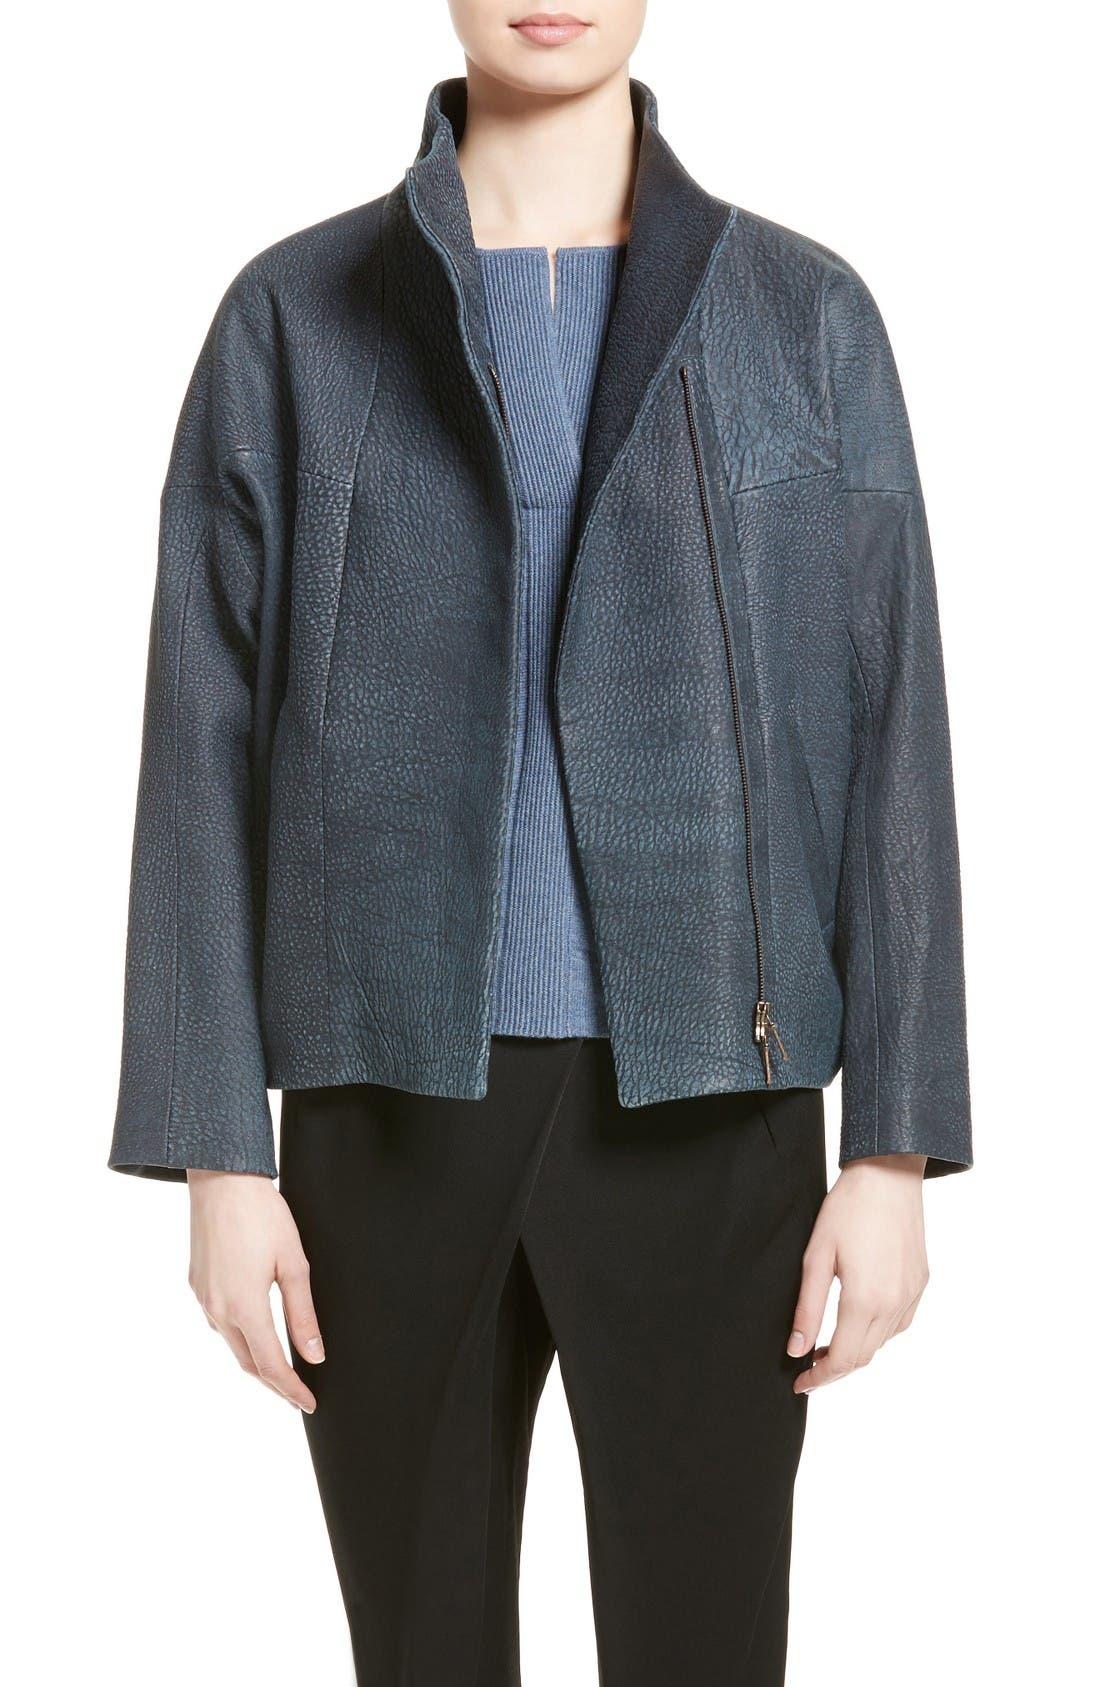 Alternate Image 1 Selected - Zero + Maria Cornejo Osita Leather Bomber Jacket